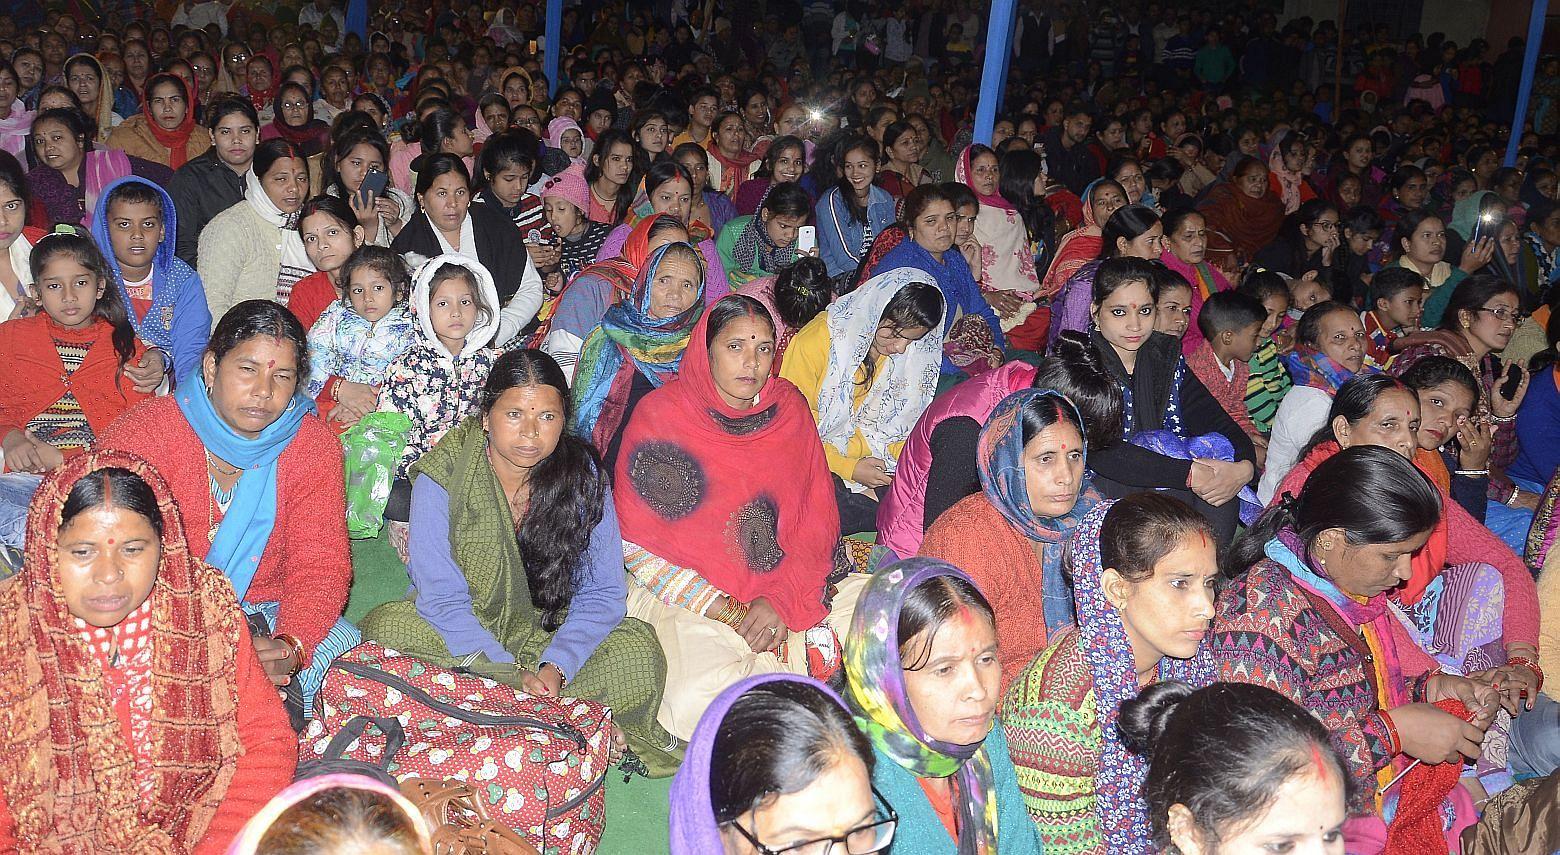 श्रीनगर में बैकुंठ चतुर्दशी मेले की भजन संध्या मे उमडी भीड़